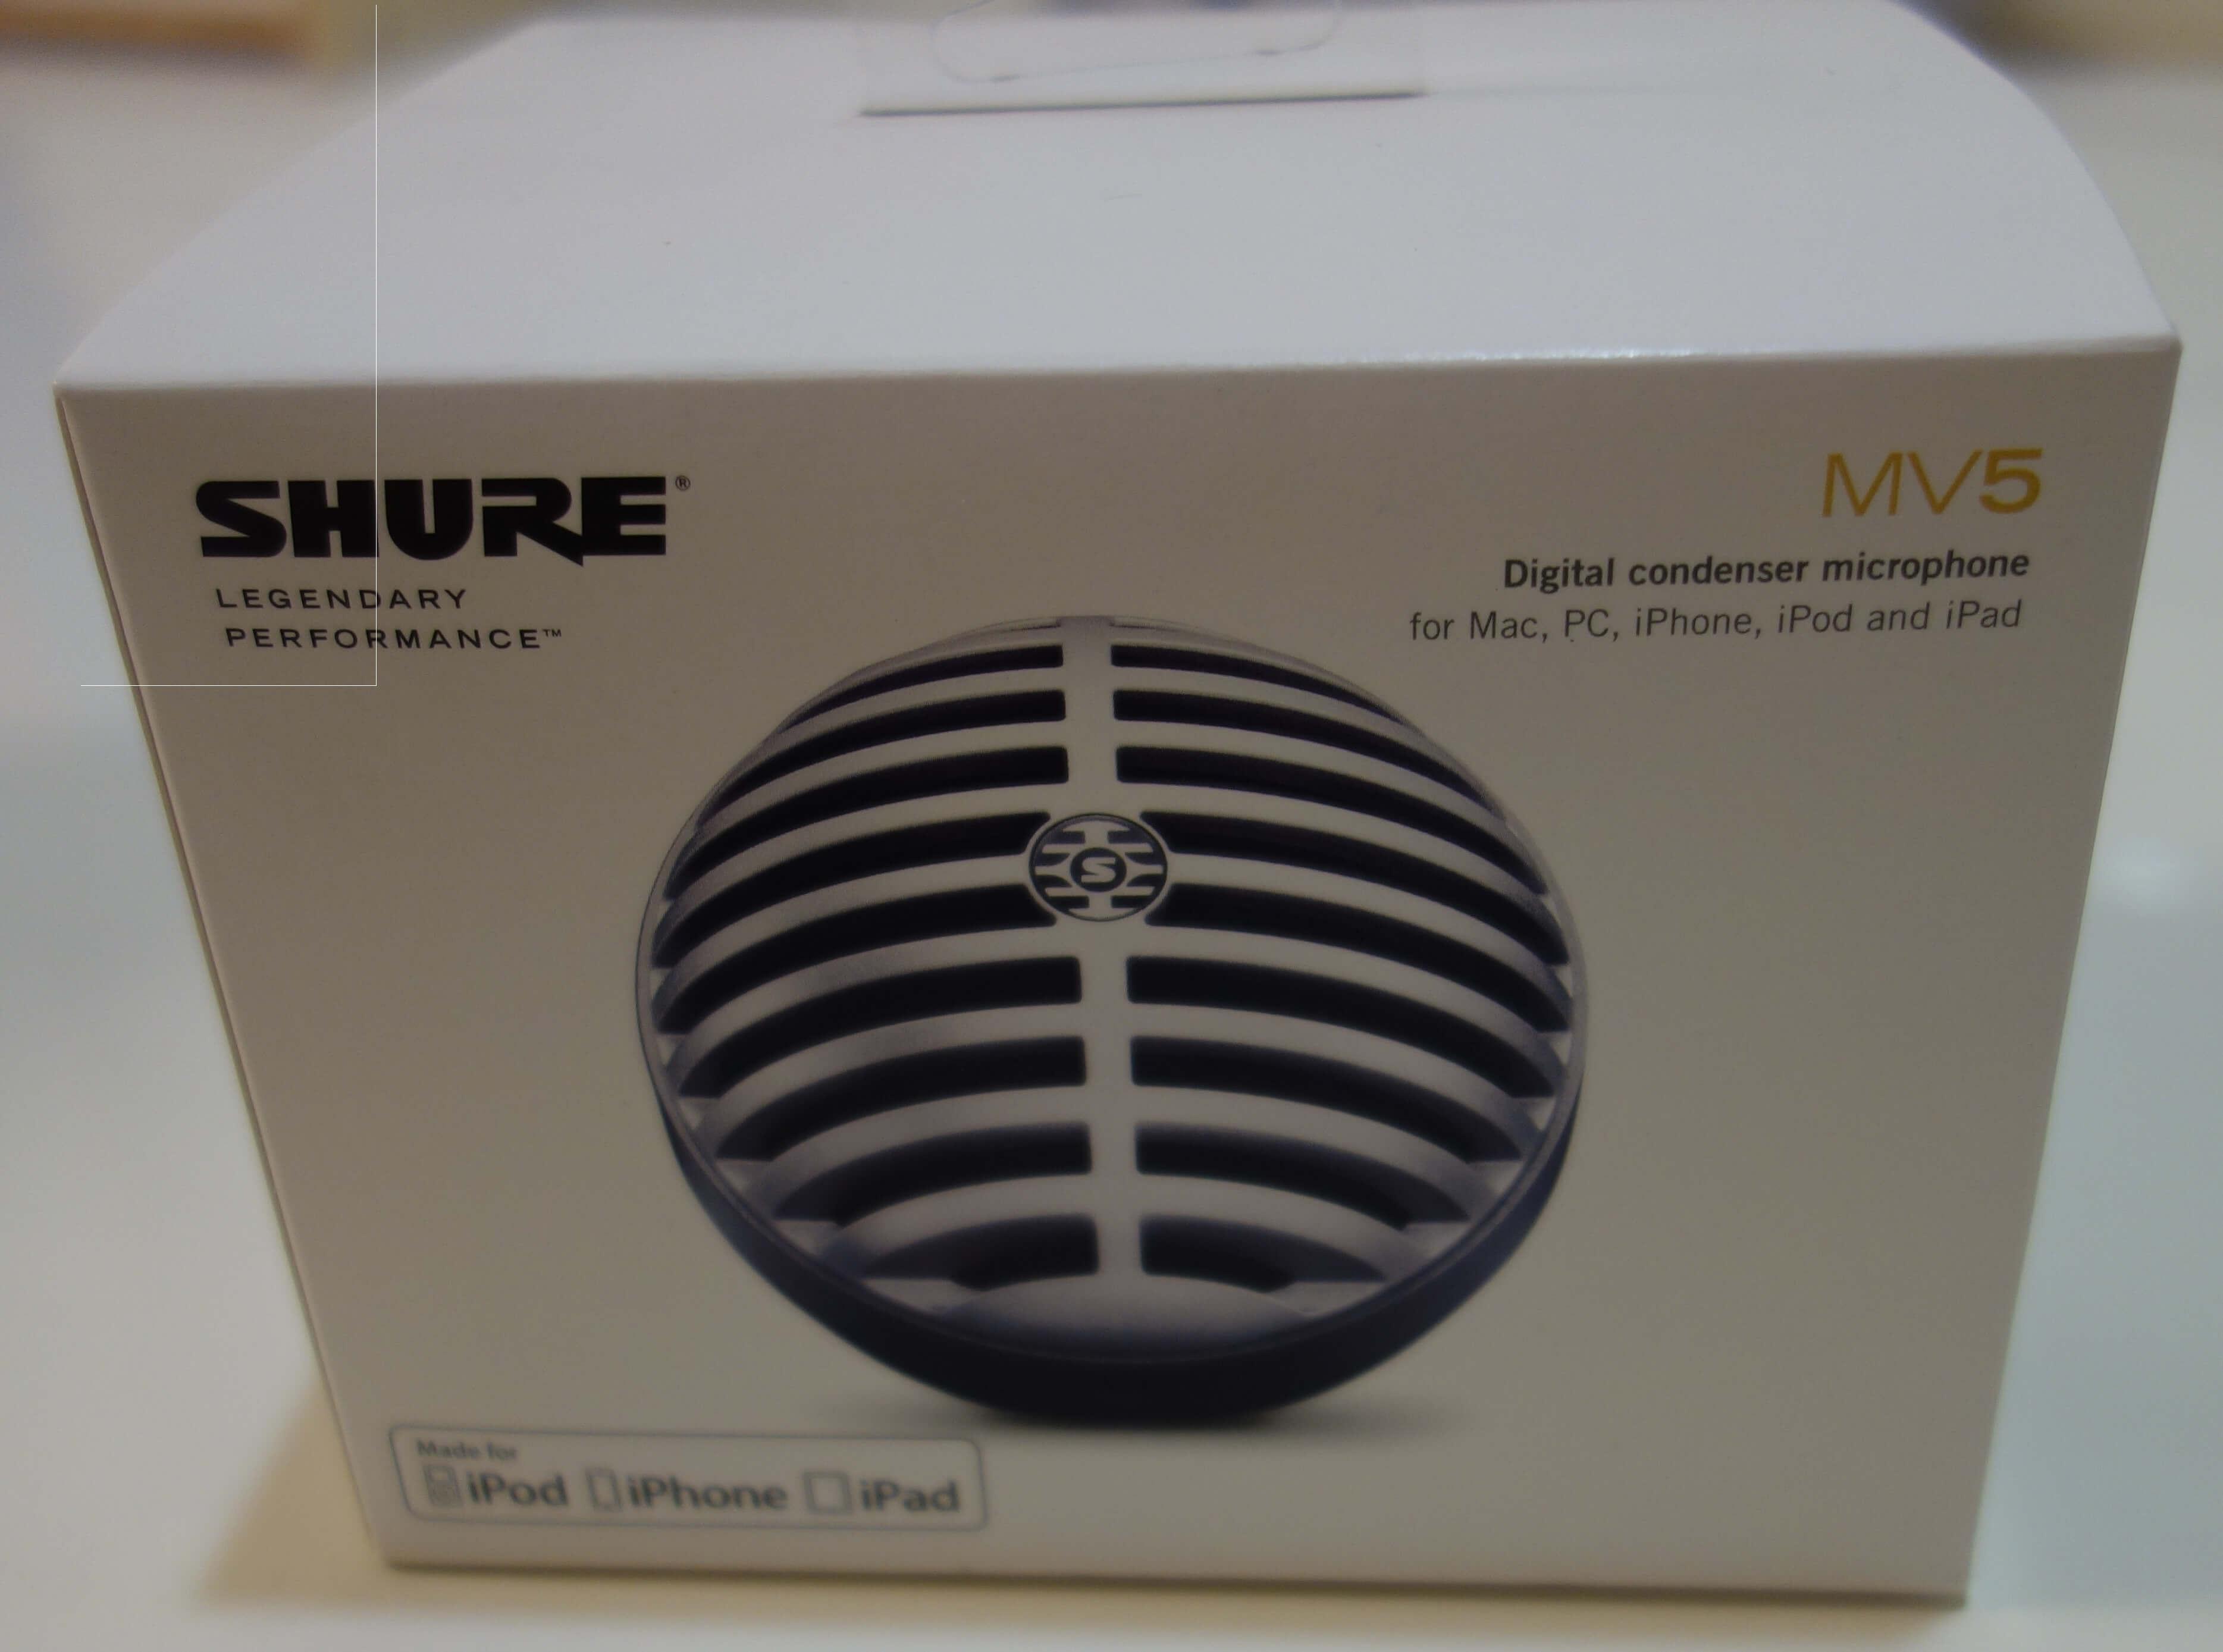 SHURE MV5(デジタルコンデンサーマイク)